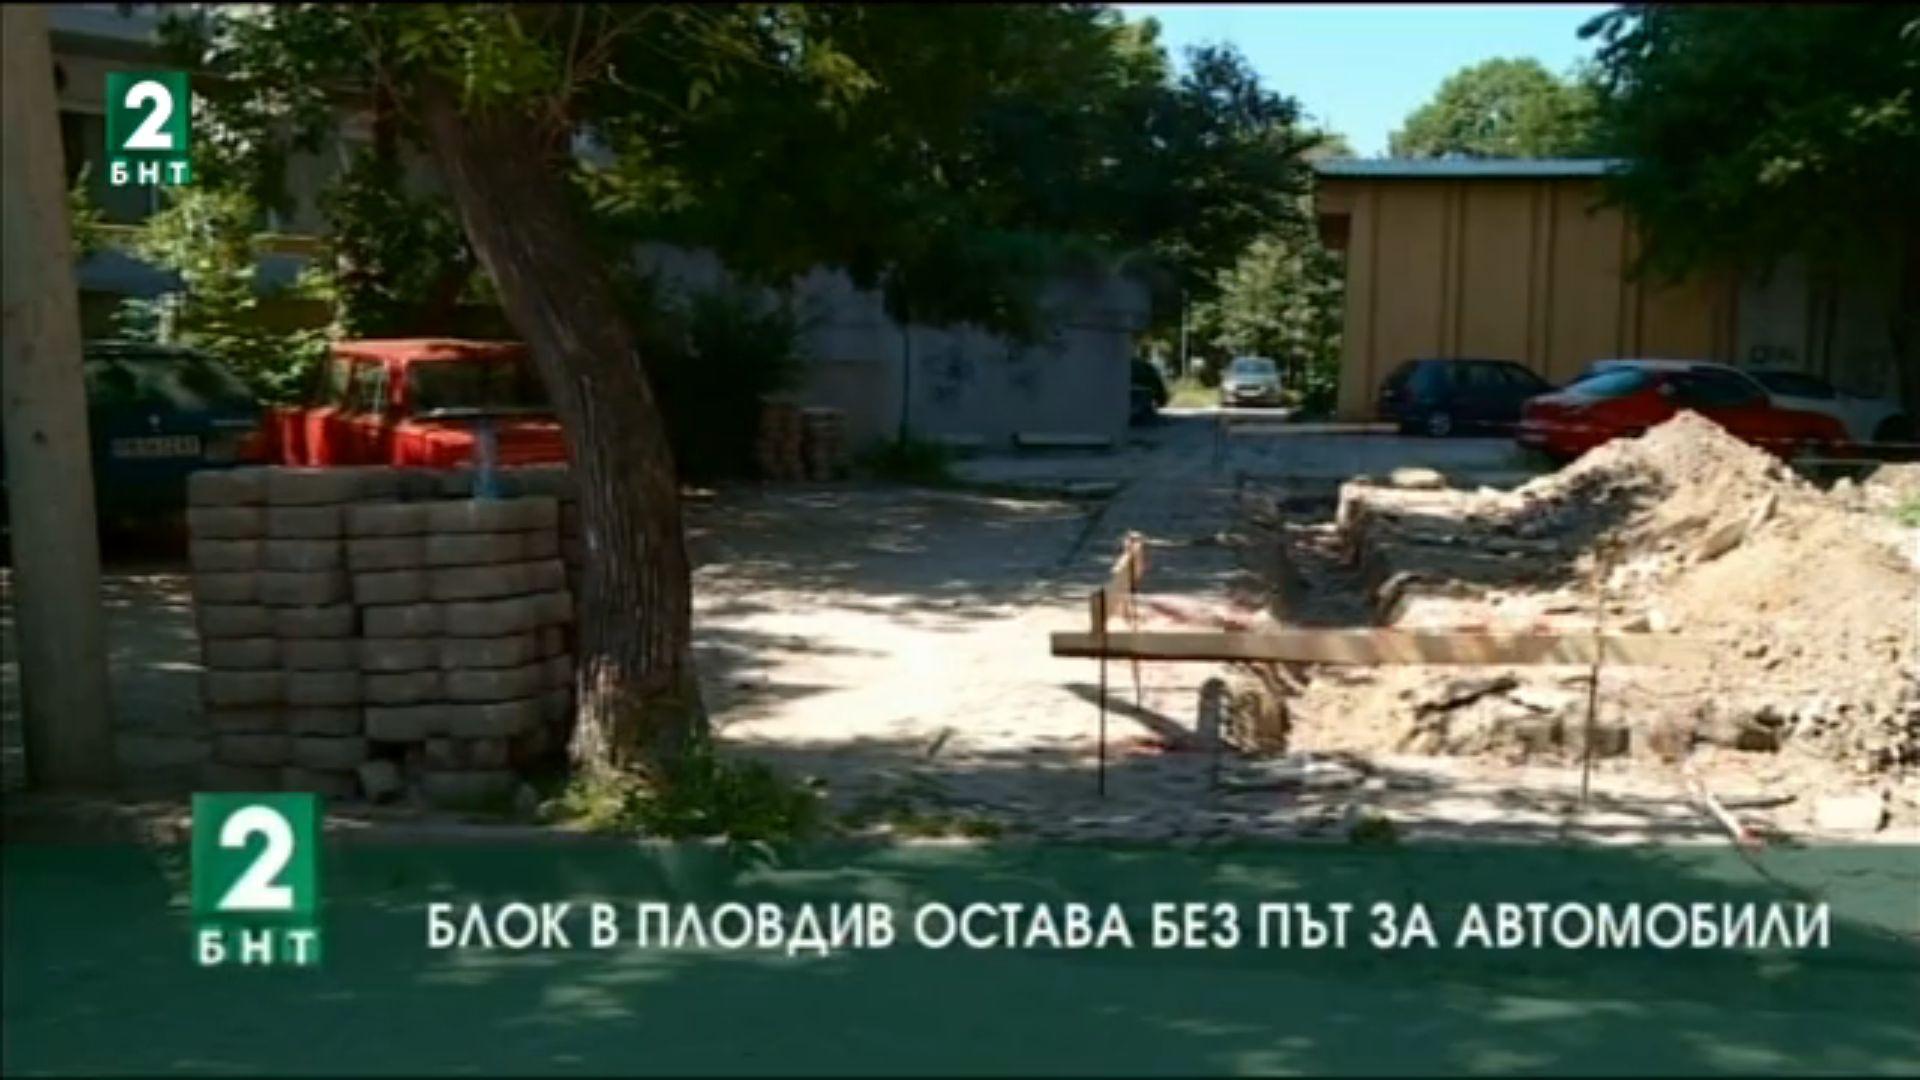 Блок в Пловдив остана без път за достъп на коли